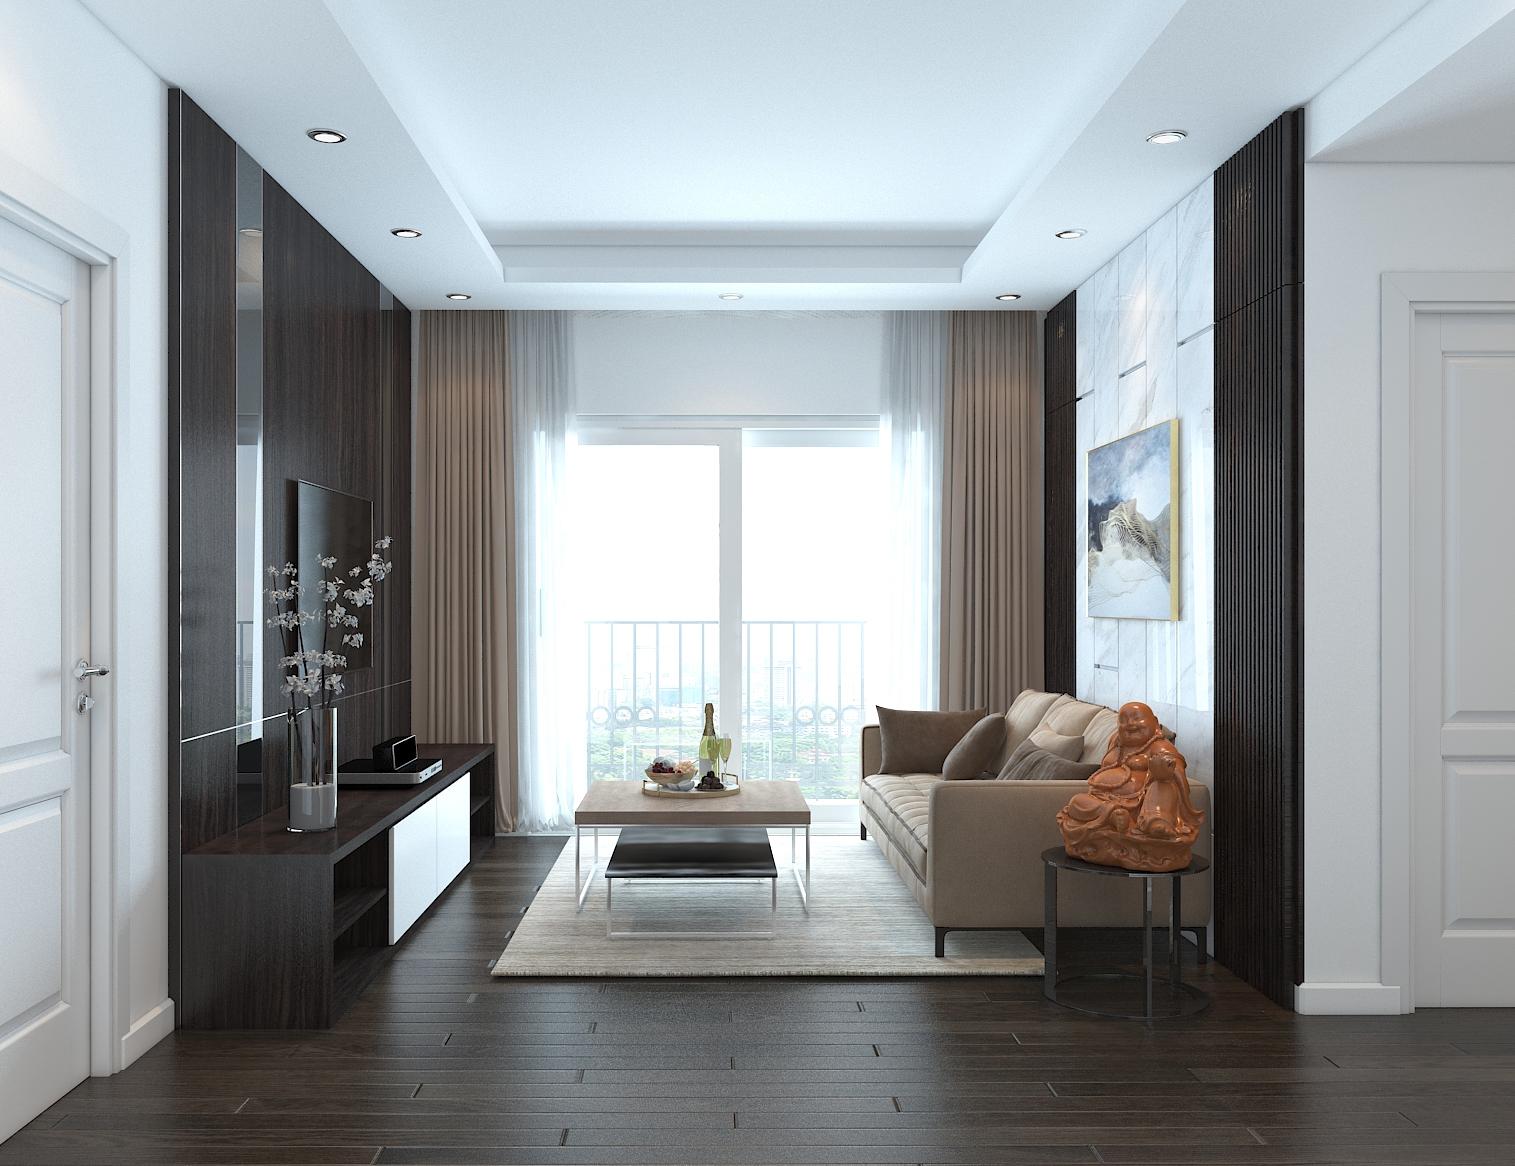 Nhà mẫu dự án căn hộ Chung Cư Bộ Công An Quận 2 đường chủ đầu tư Phú Cường Group